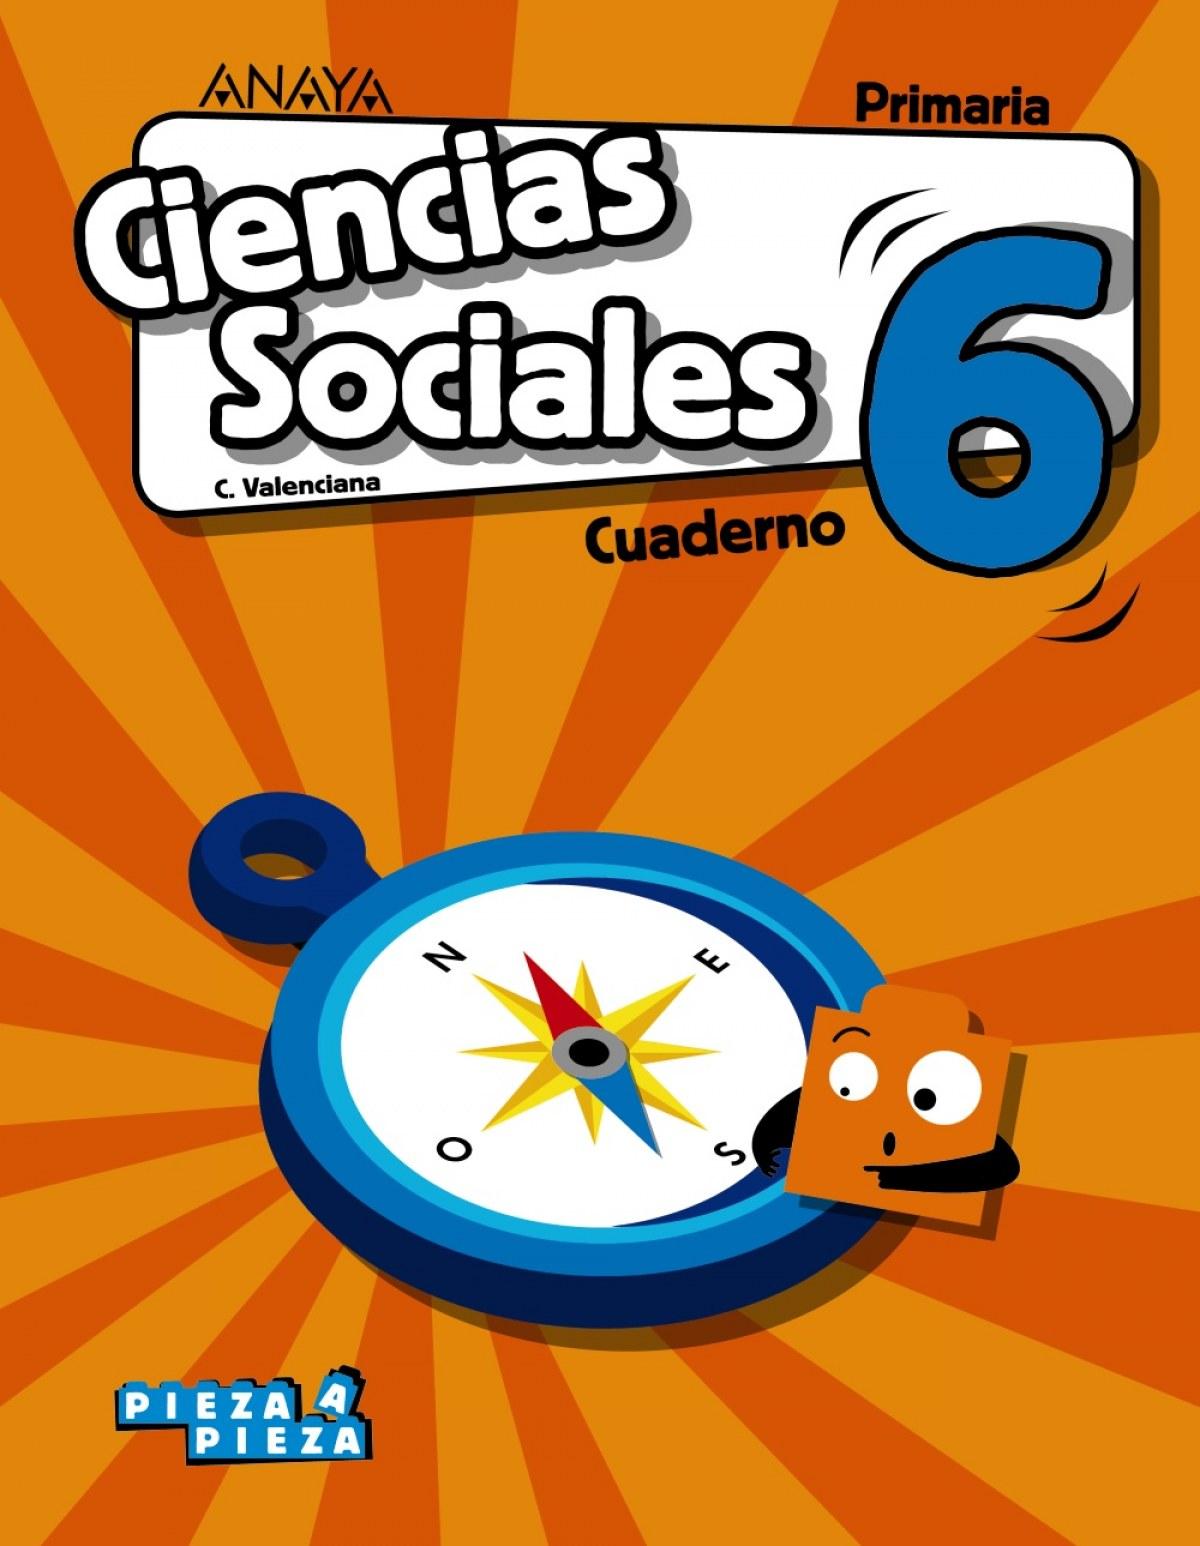 Ciencias Sociales 6. Cuaderno.